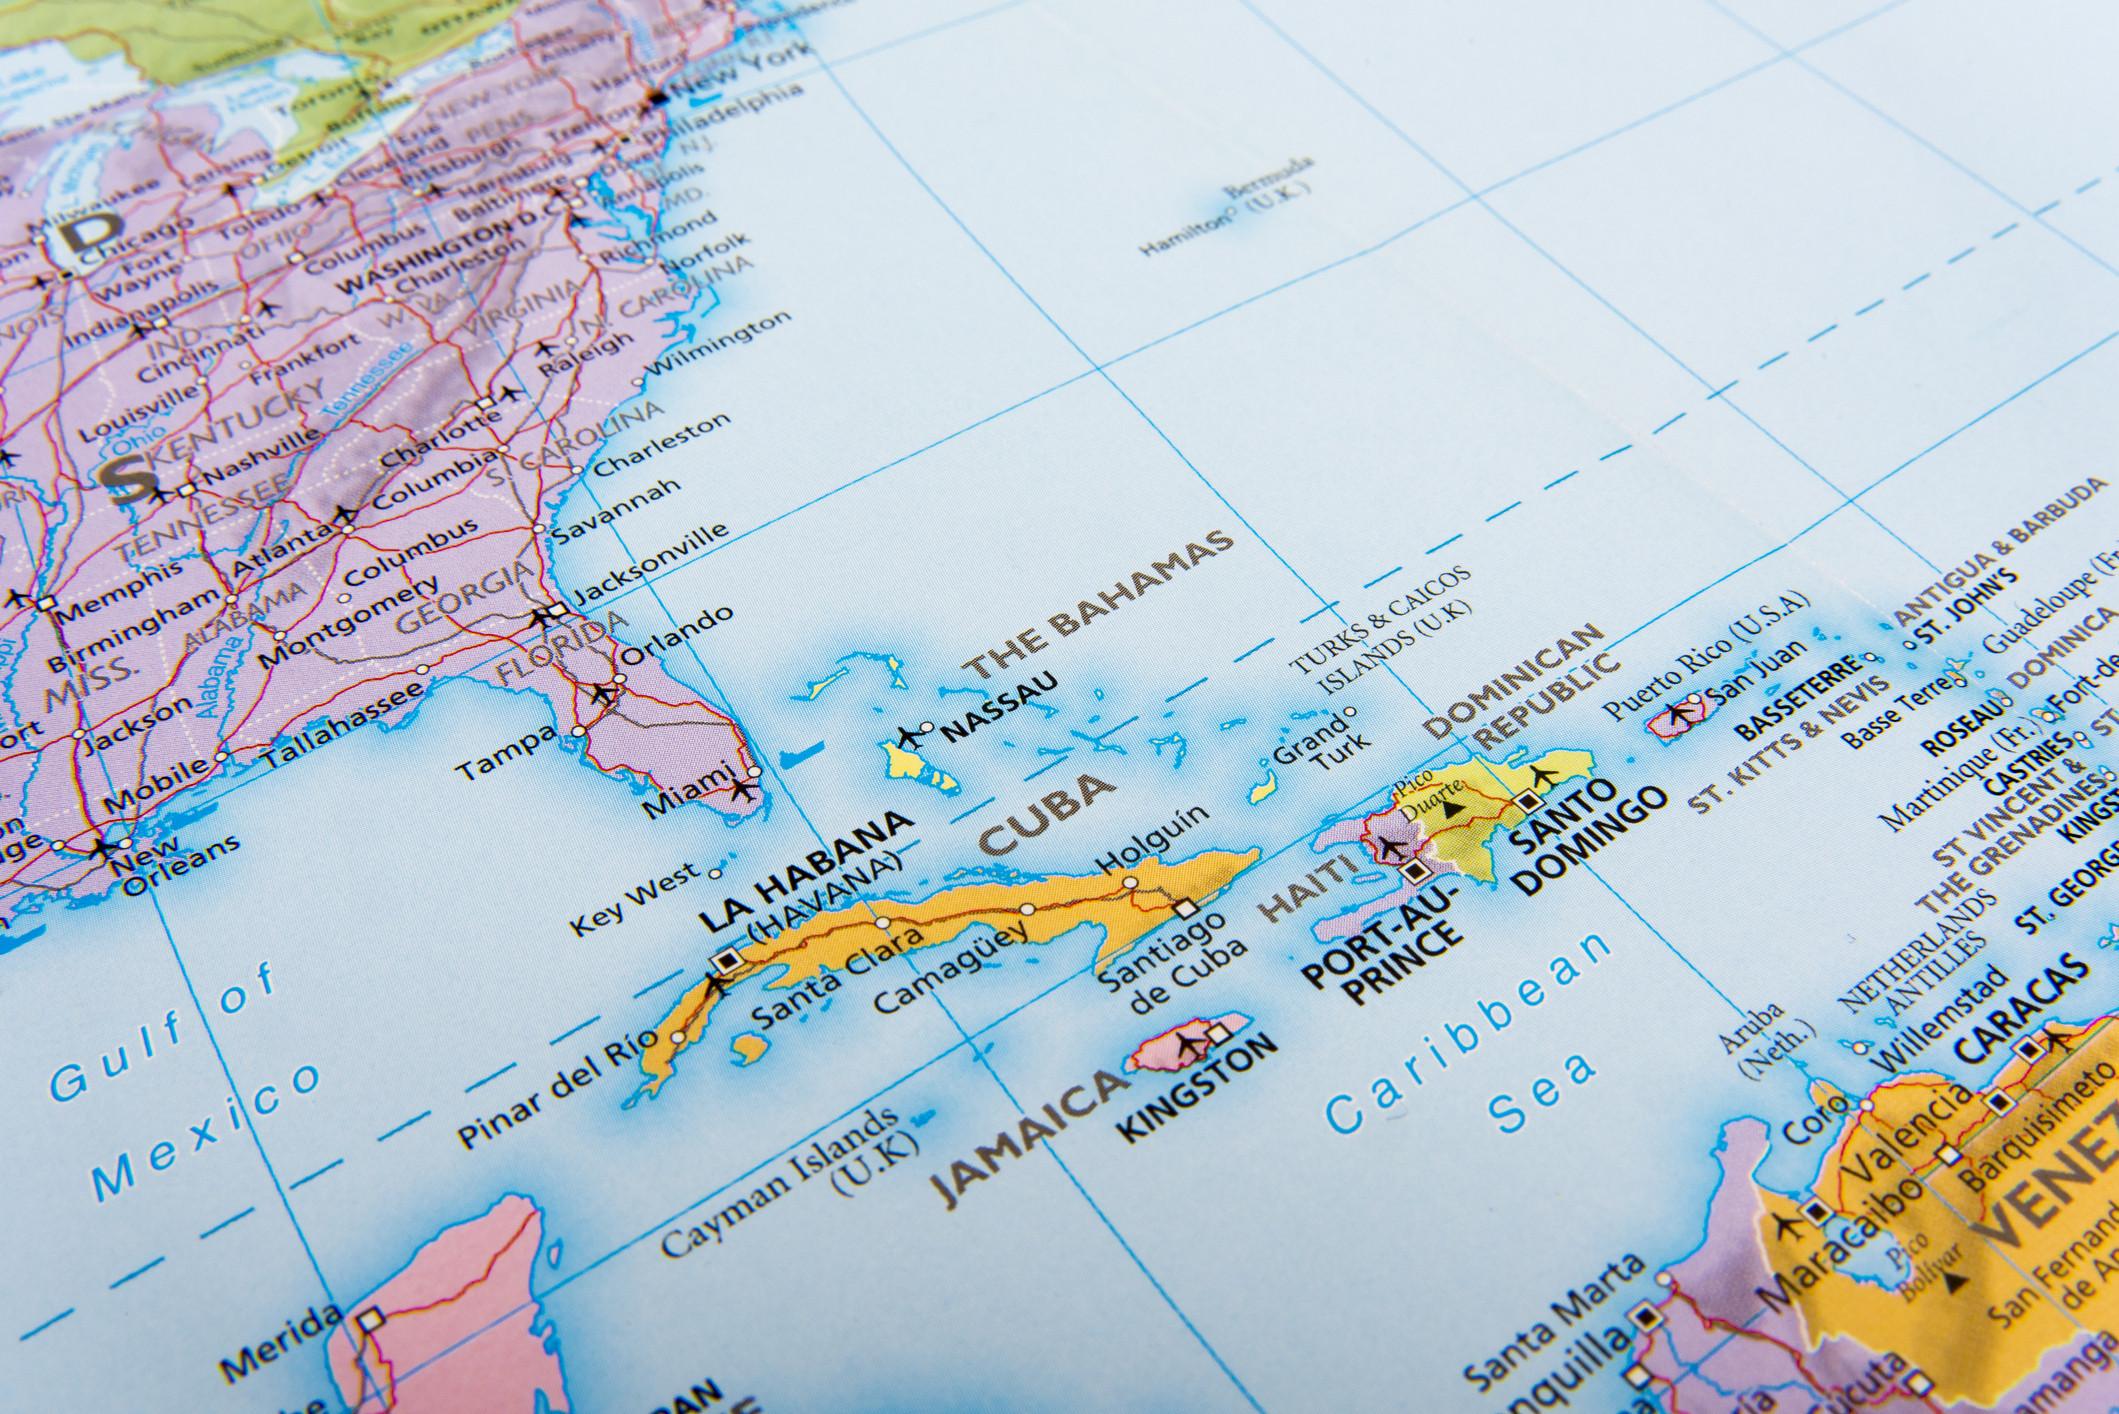 Cuba nega ingerência e participação de militares na Venezuela